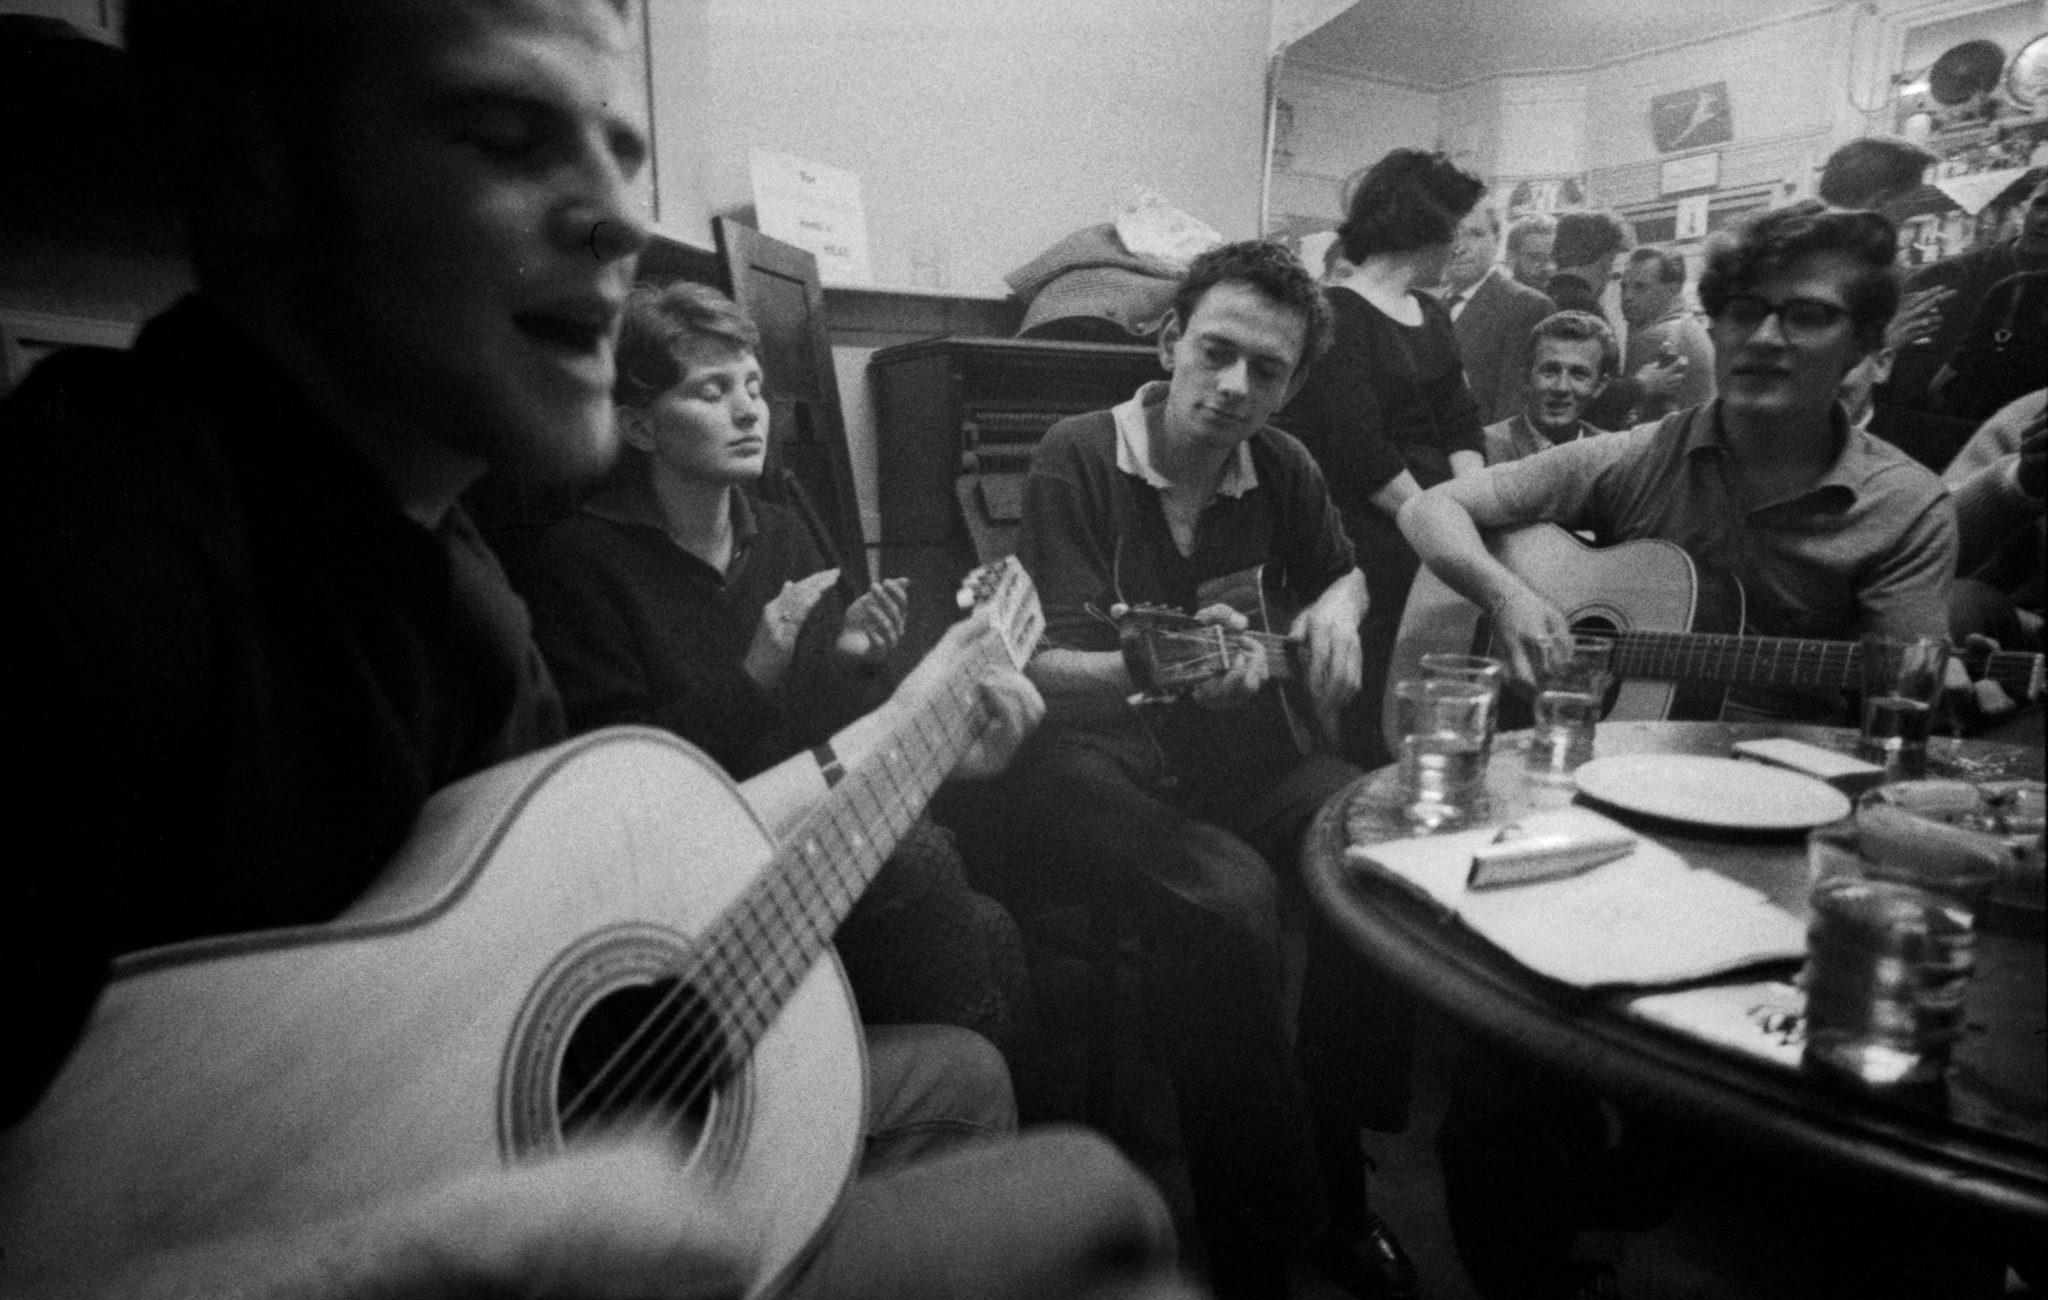 Hoppy Plays Guitar